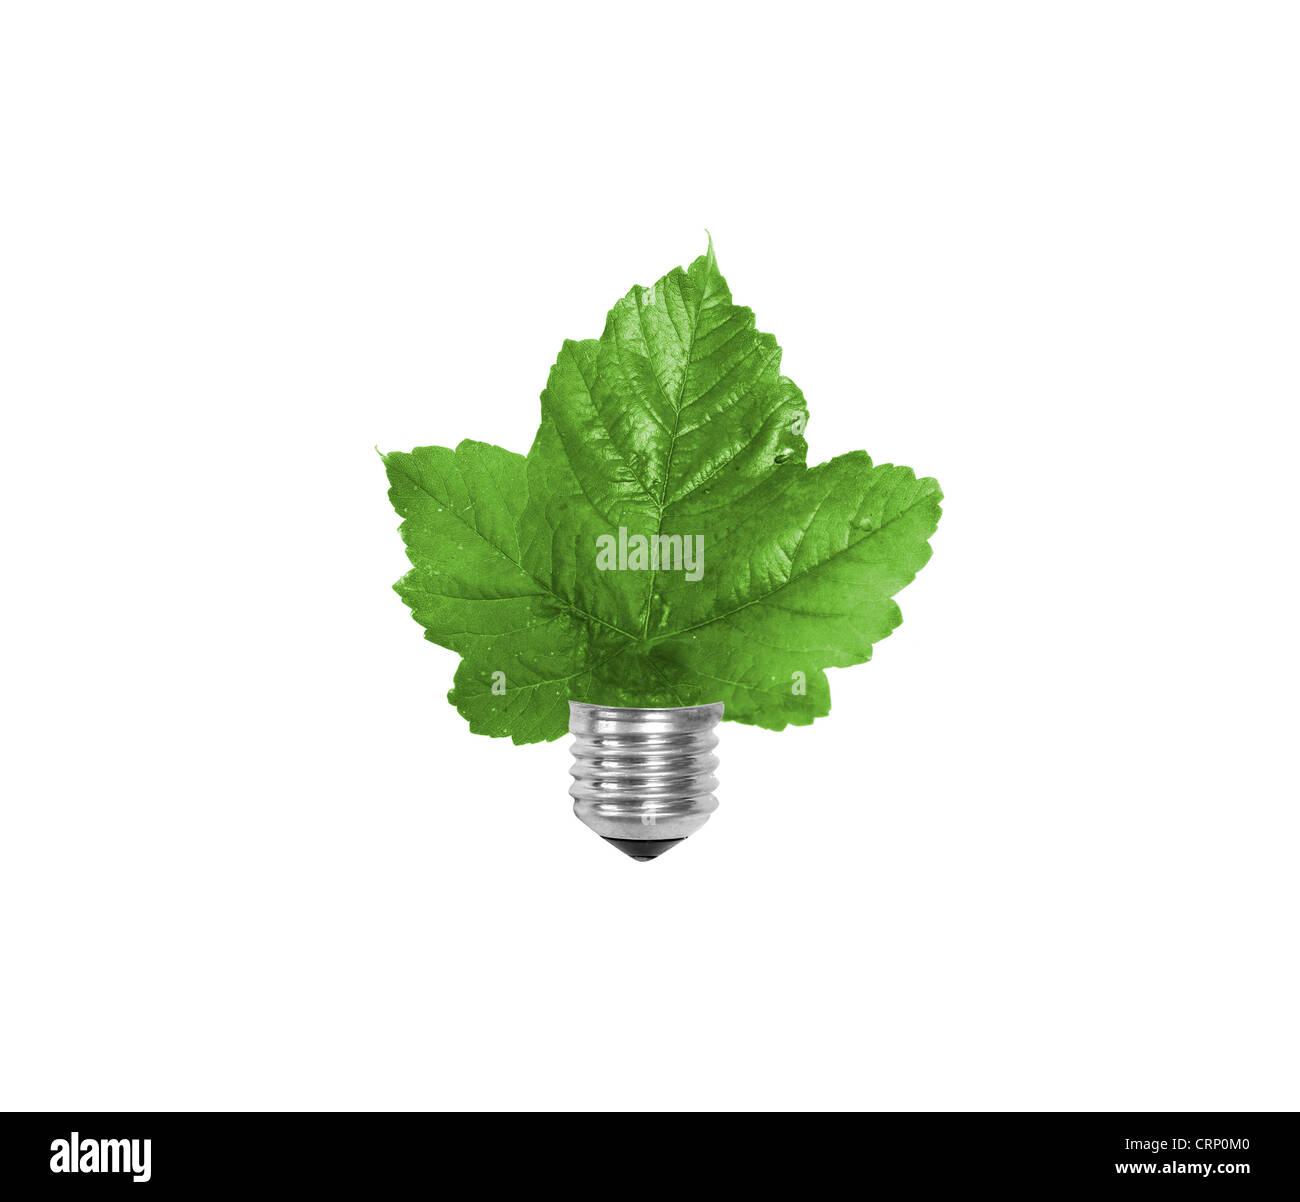 Sustainable energy isolated on white - Stock Image